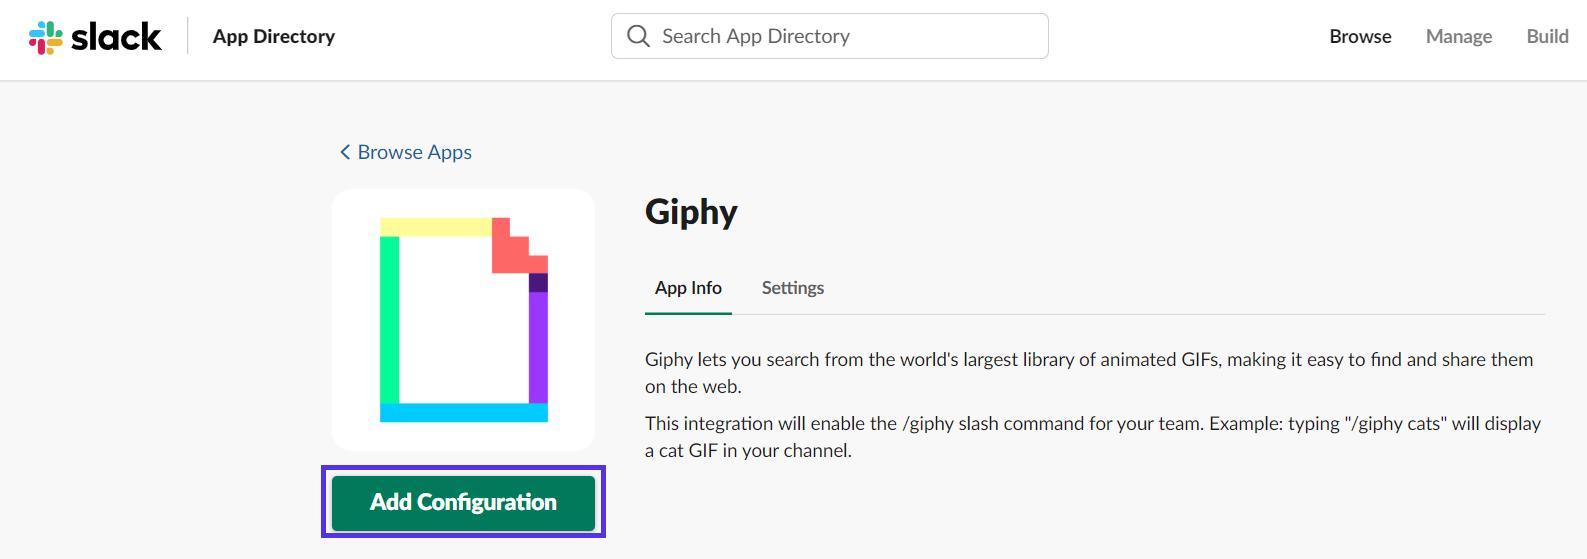 Giphy tilføj konfiguration